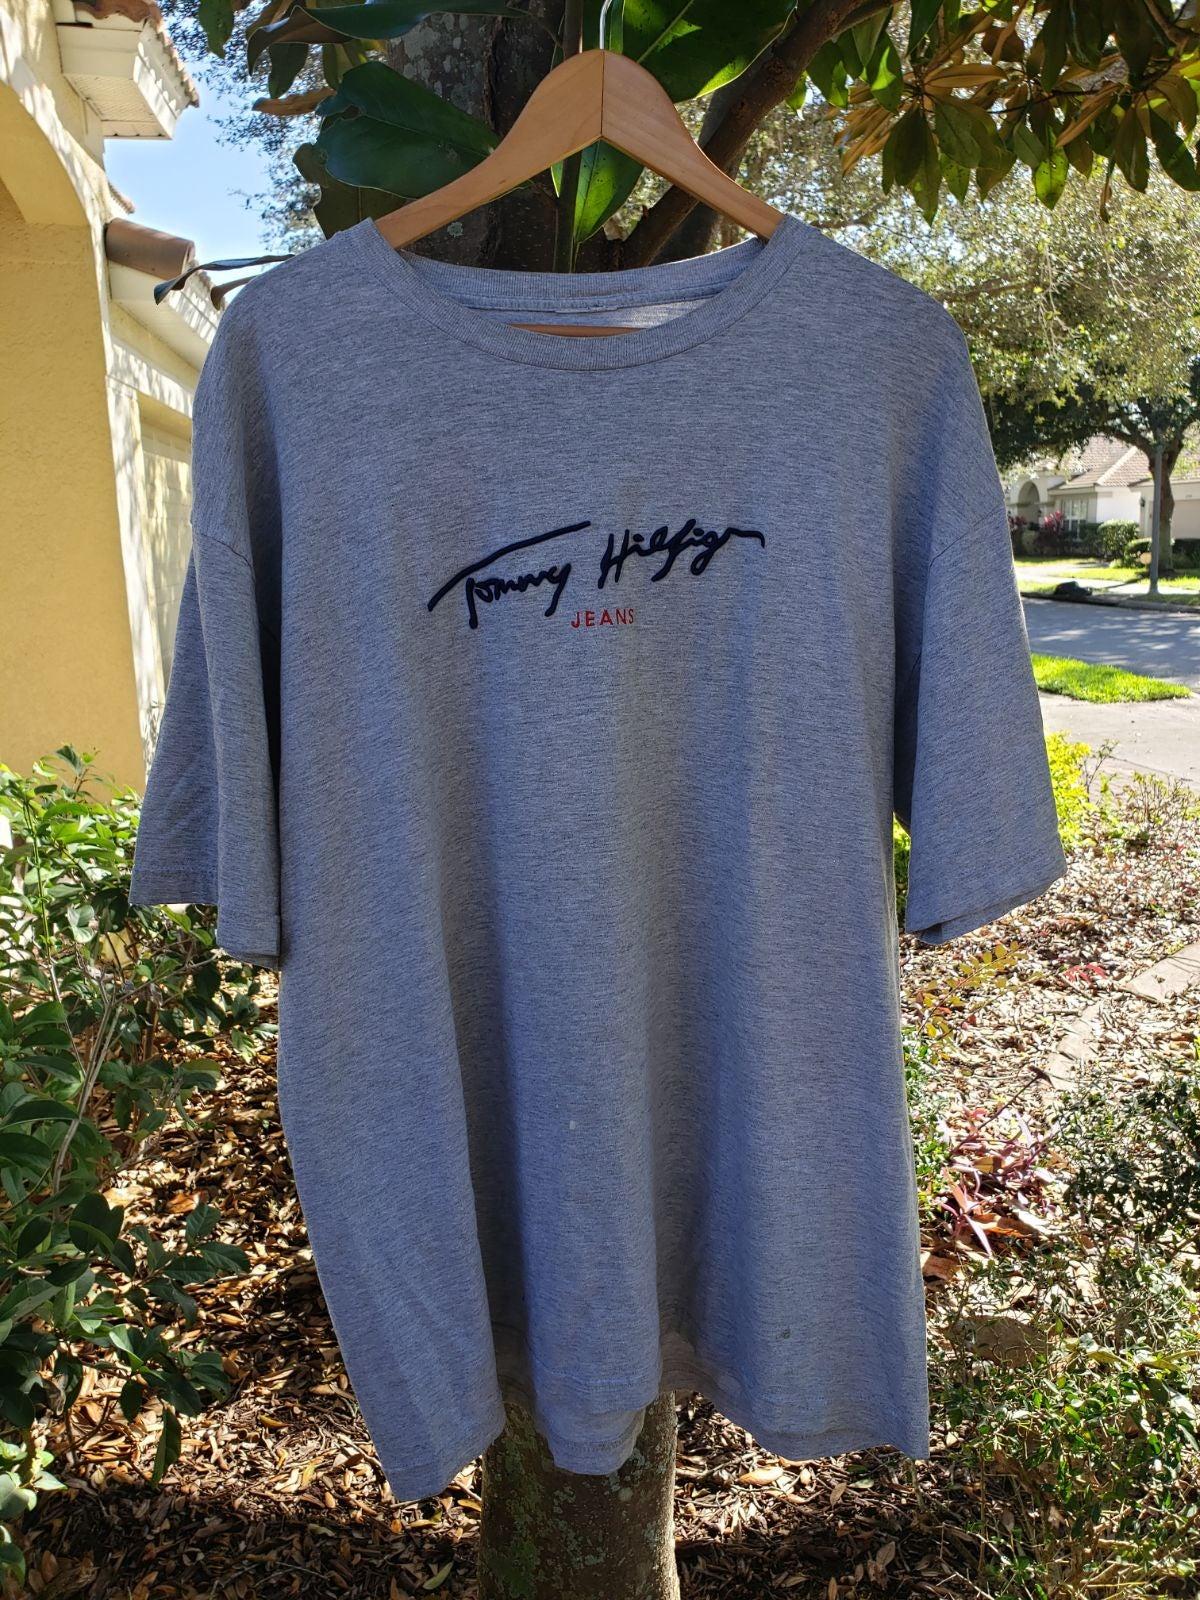 vintage Tommy Hilfiger jeans t shirt